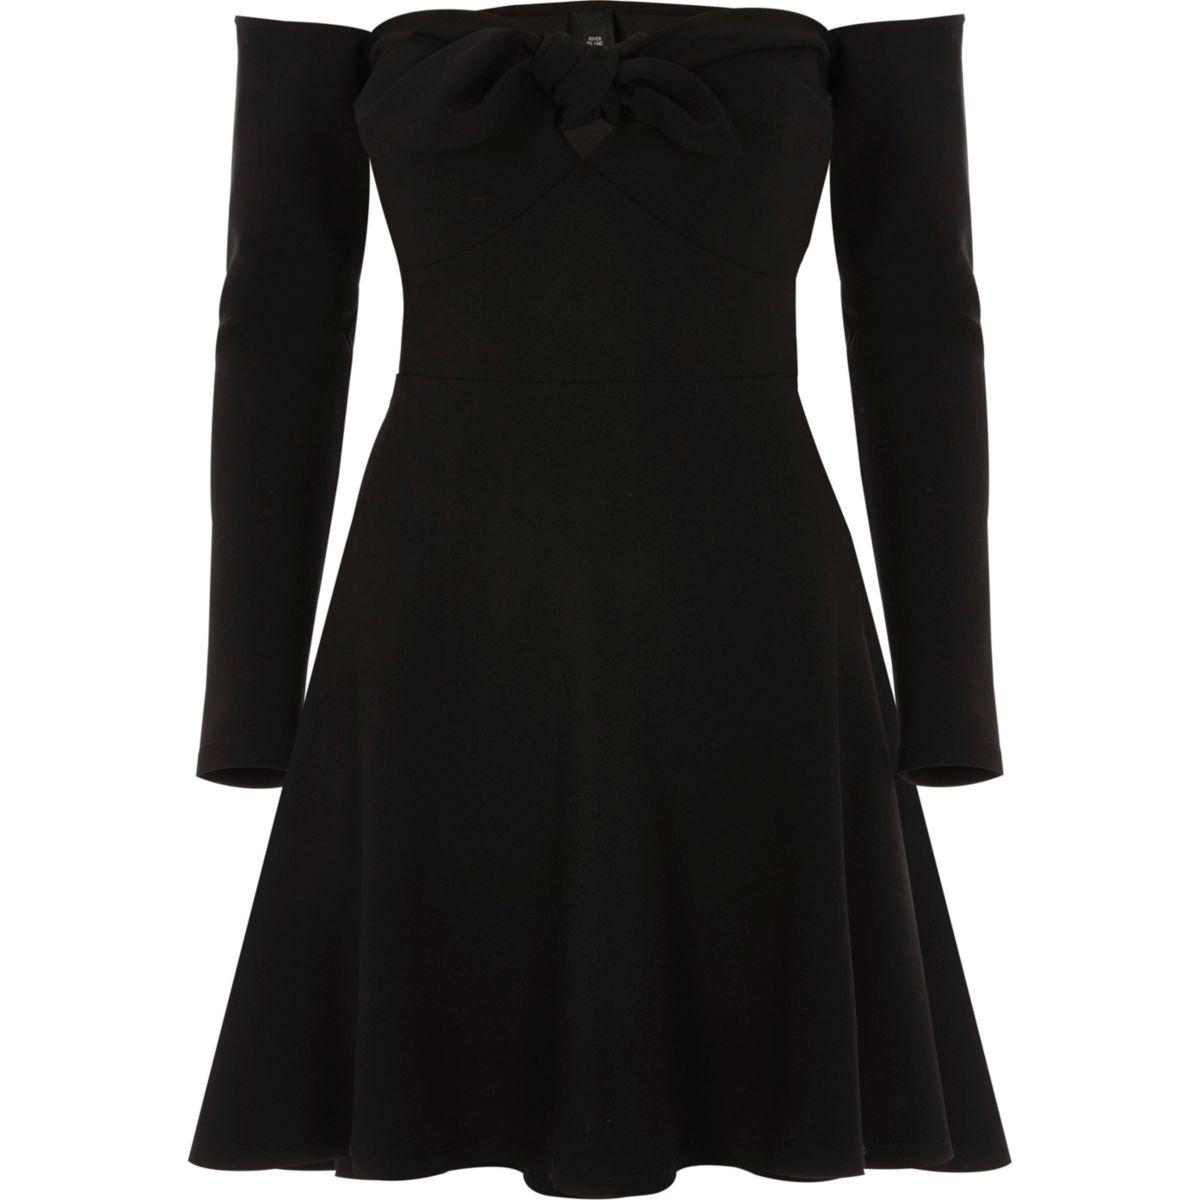 Schwarzes, langärmliges Bardot-Skater-Kleid